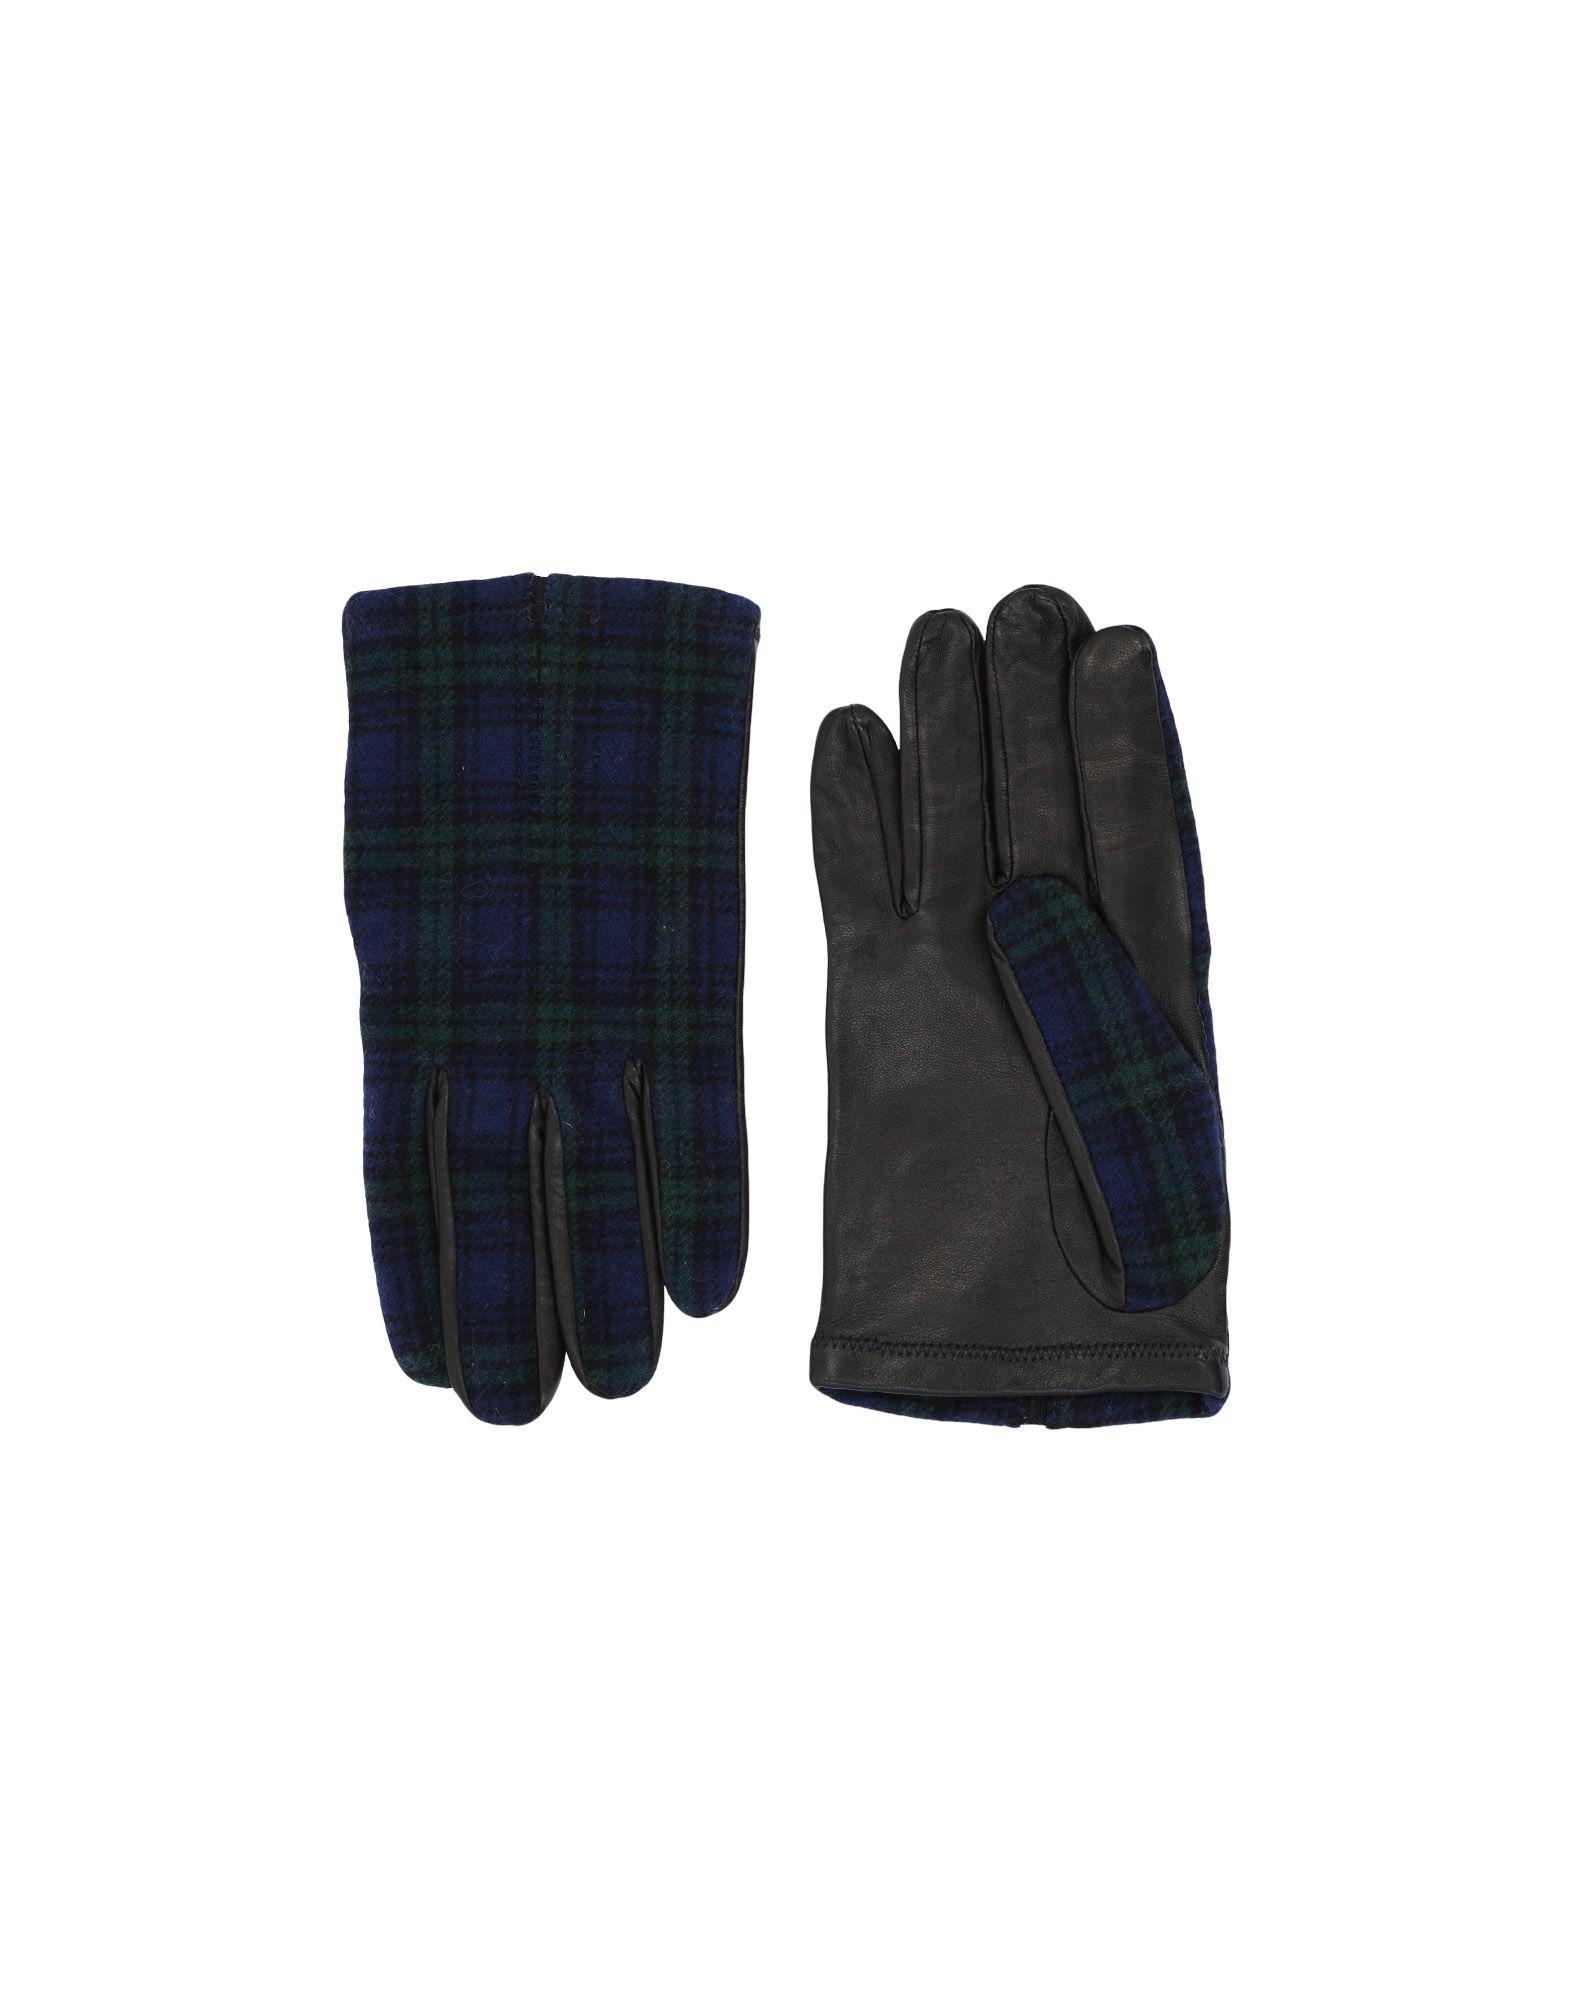 Фото - GOLDEN GOOSE DELUXE BRAND Перчатки защитные антистатические перчатки из углеродного волокна ermar erma